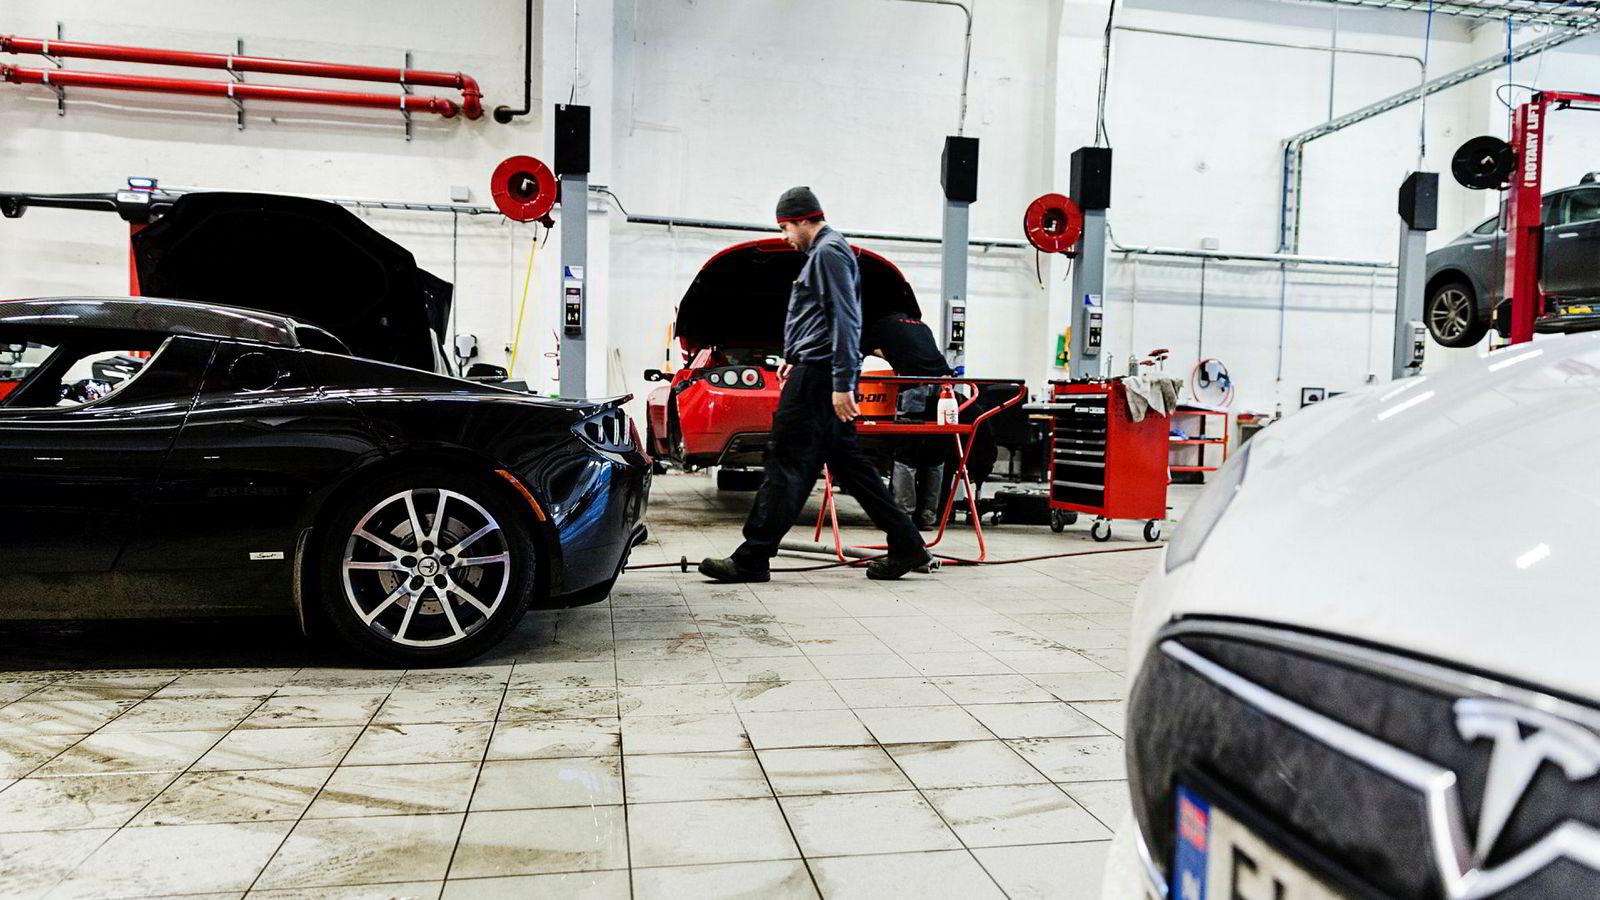 Forsikringsgiganten Gjensidige foreslår å fjerne moms for reparasjon av elbiler, da terskelen for å kondemnere elbiler er lavere enn for tilsvarende konvensjonelle biler. Her fra Teslas verksted på Skøyen.